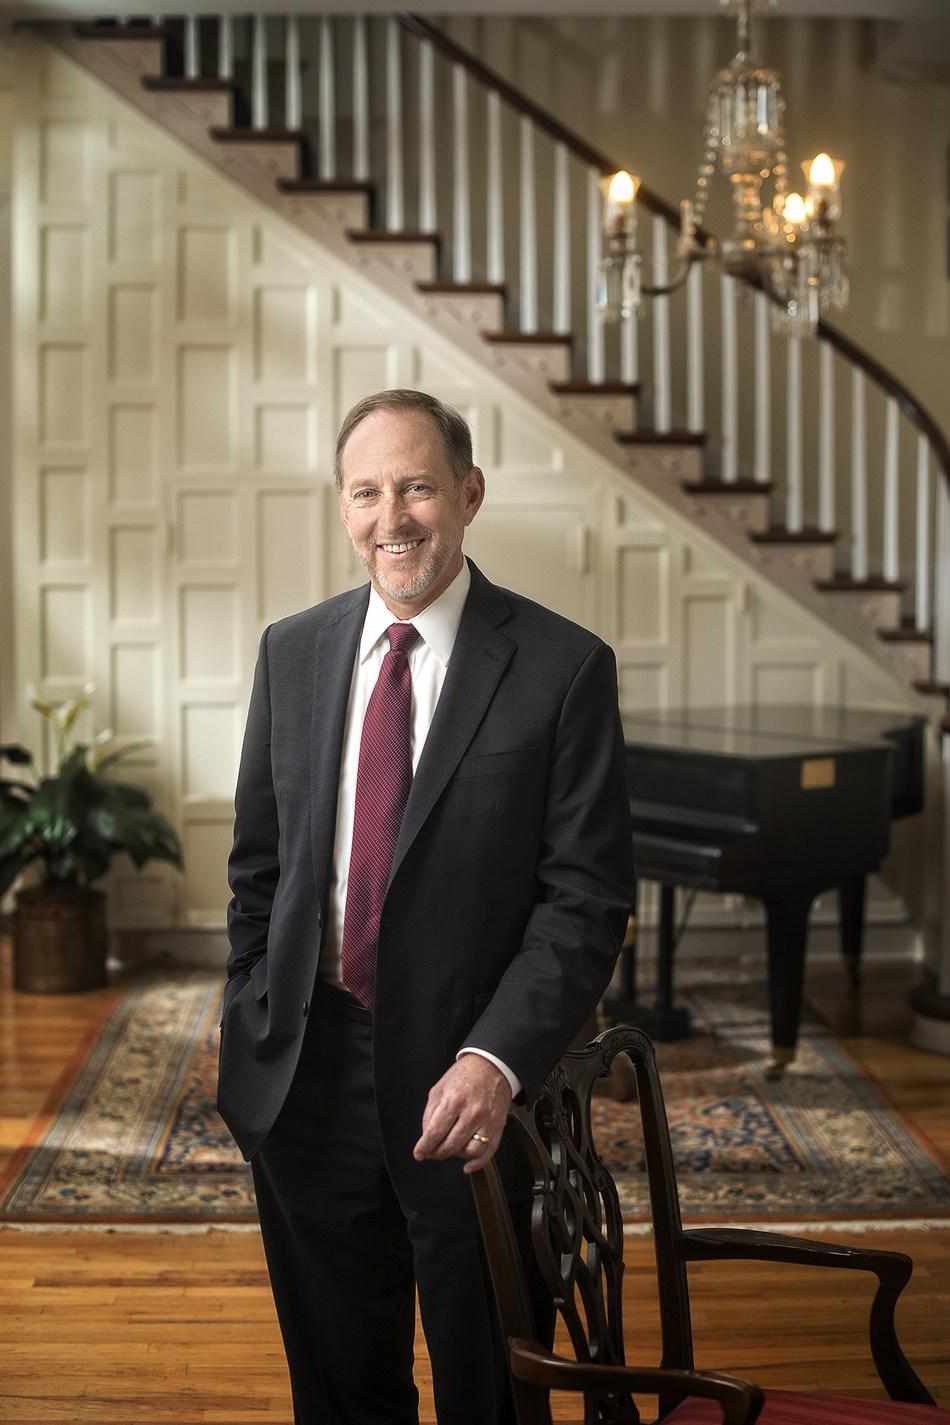 Dr. John C. Knapp Named 13th President of Washington & Jefferson College